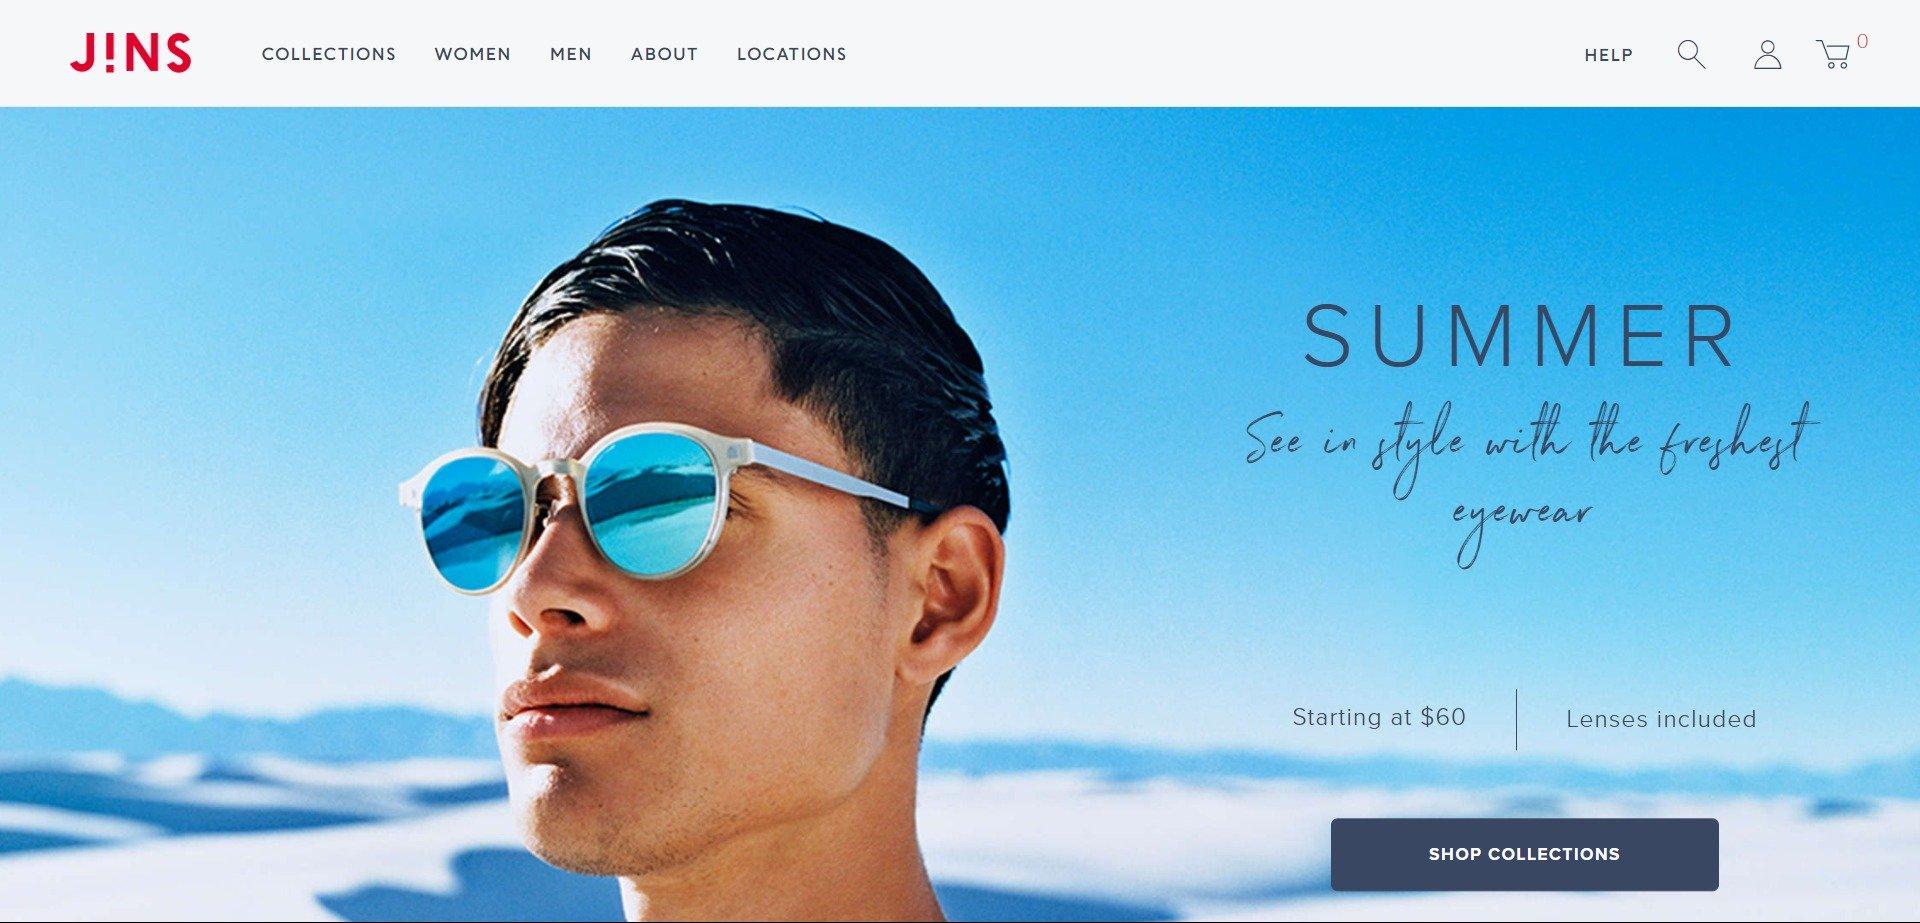 96af26bbf5bf best-optometry-websites-www.jins.com. JINS prescription eyewear ...